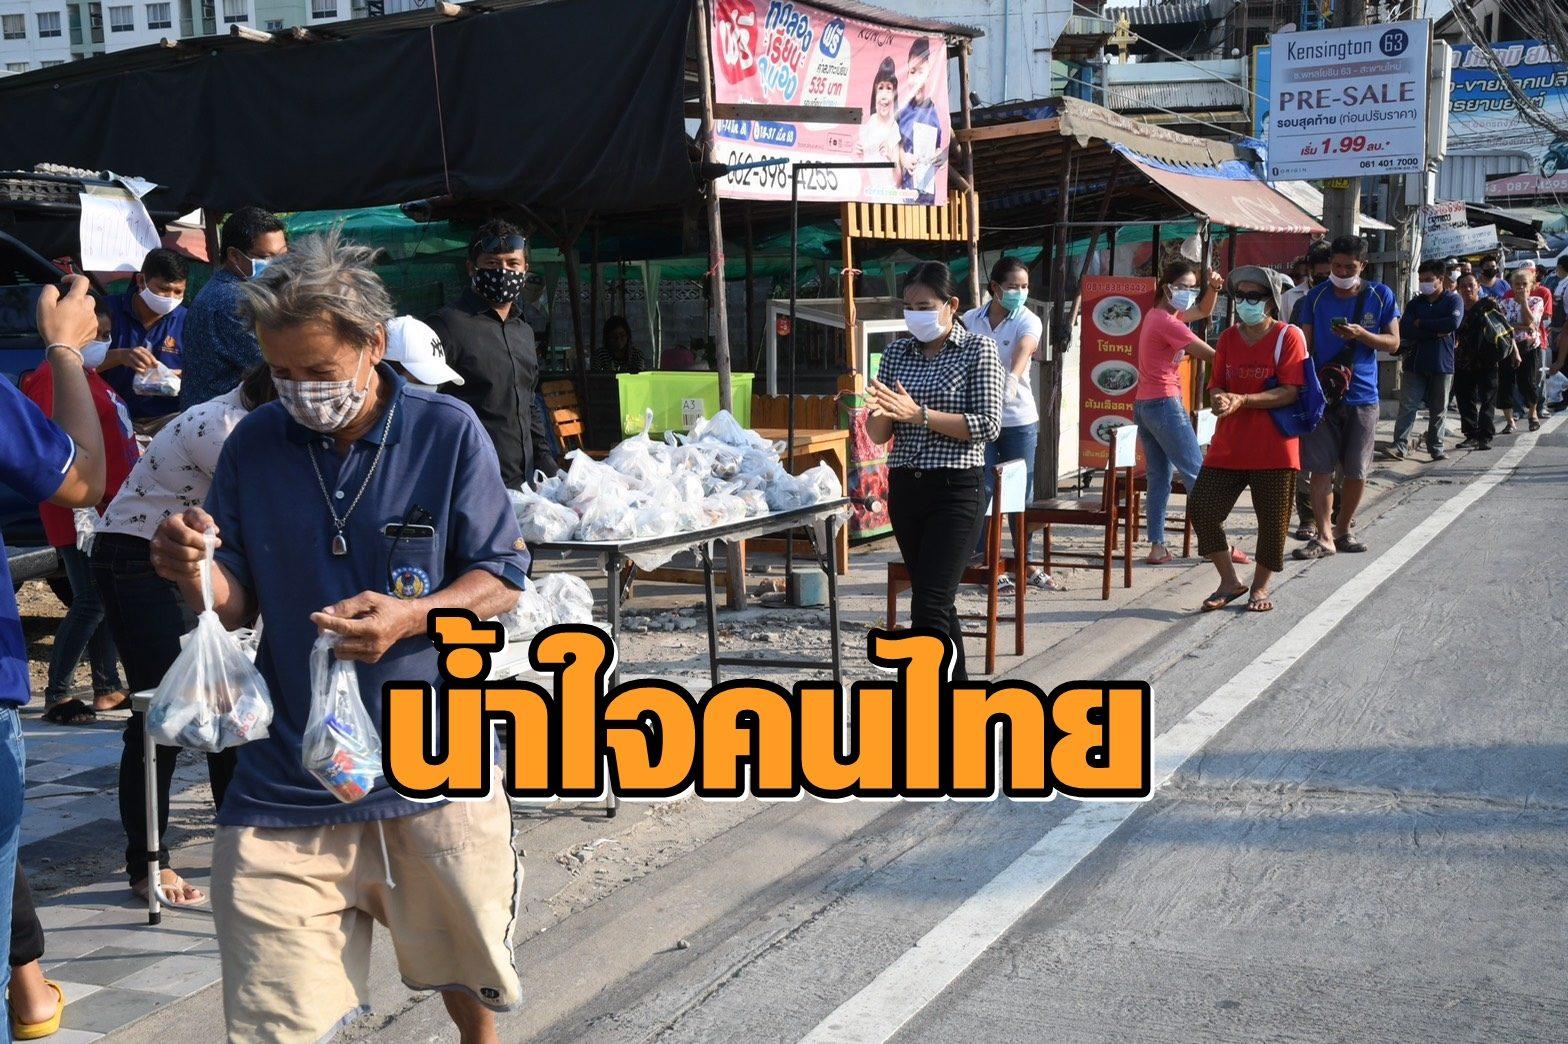 น้ำใจคนไทย! แจกไข่ไก่สด-ปลากระป๋อง-เจลย่านรามอินทรา ประชาชนแห่ต่อคิวรับของ